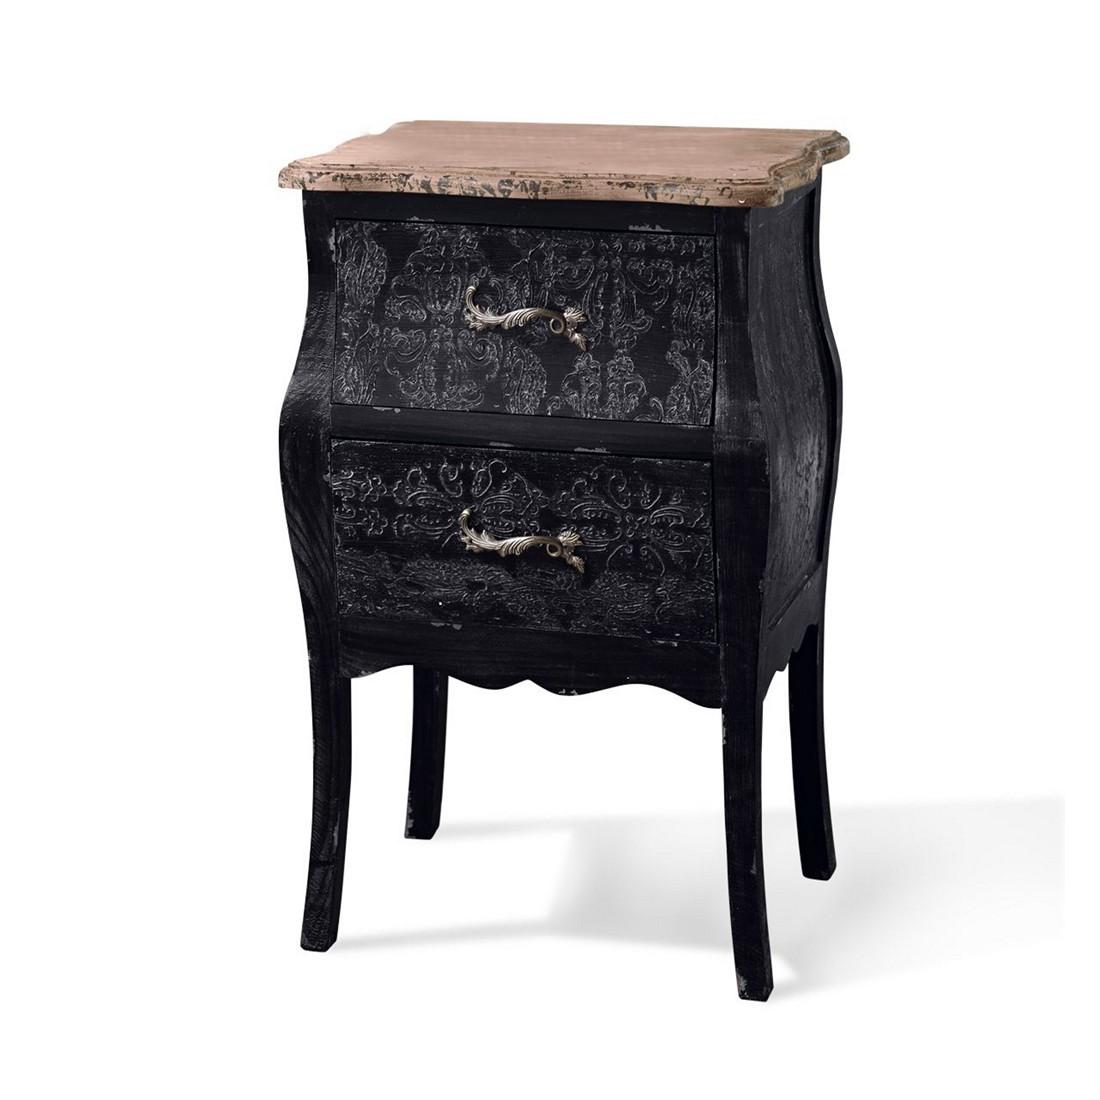 holz beistelltisch g nstig kaufen. Black Bedroom Furniture Sets. Home Design Ideas